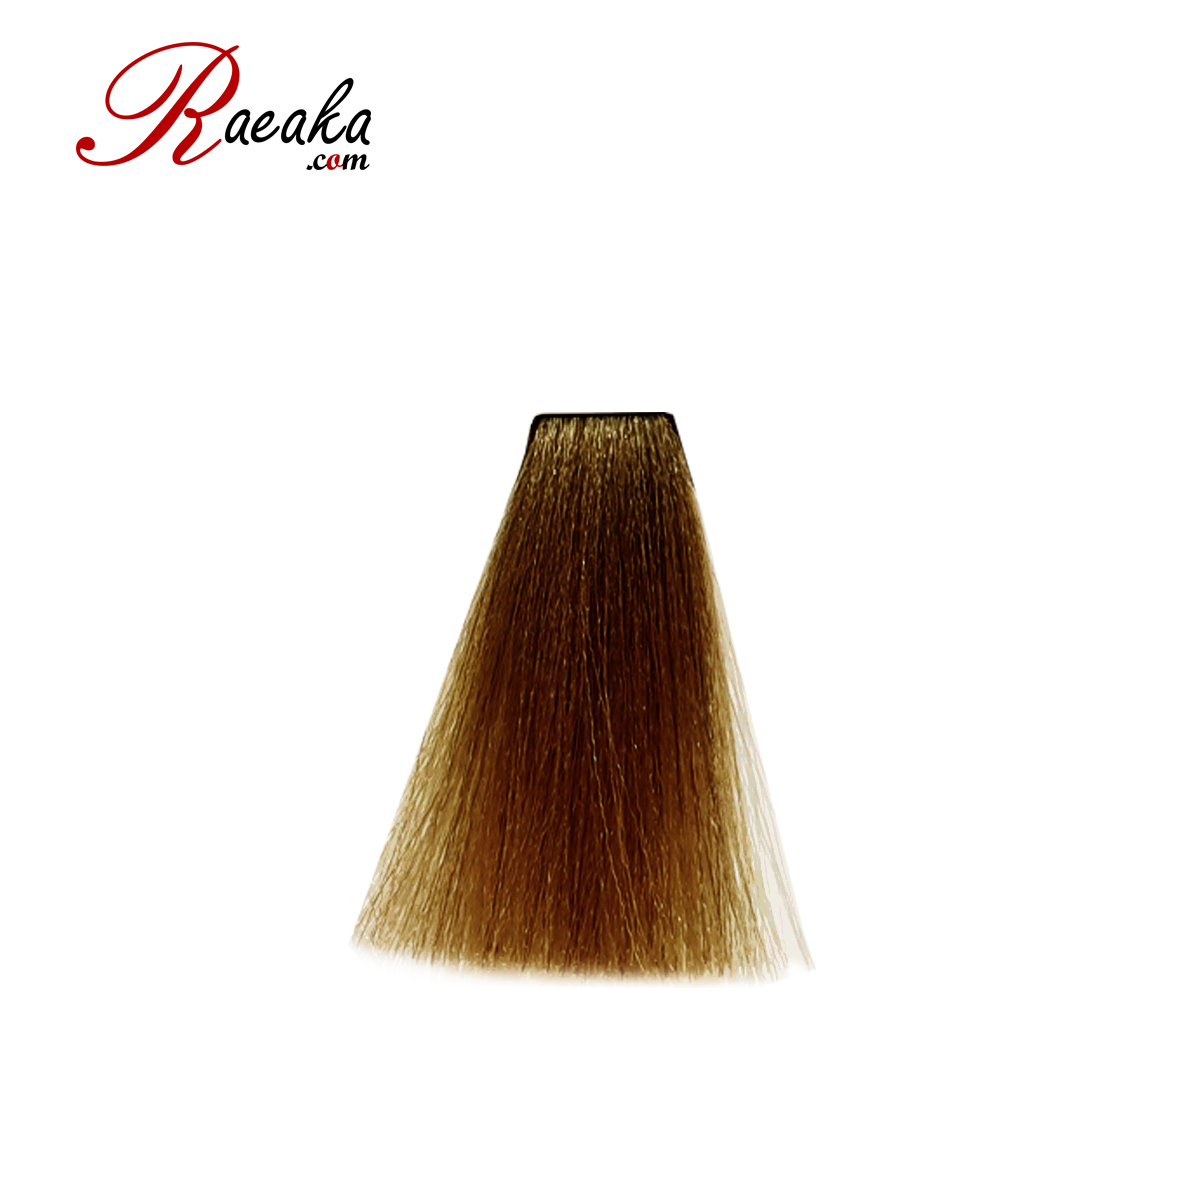 رنگ مو دوماسی سری طلایی قهوه ای طلایی روشن ۵٫۳ حجم ۱۲۰ میلی لیتر